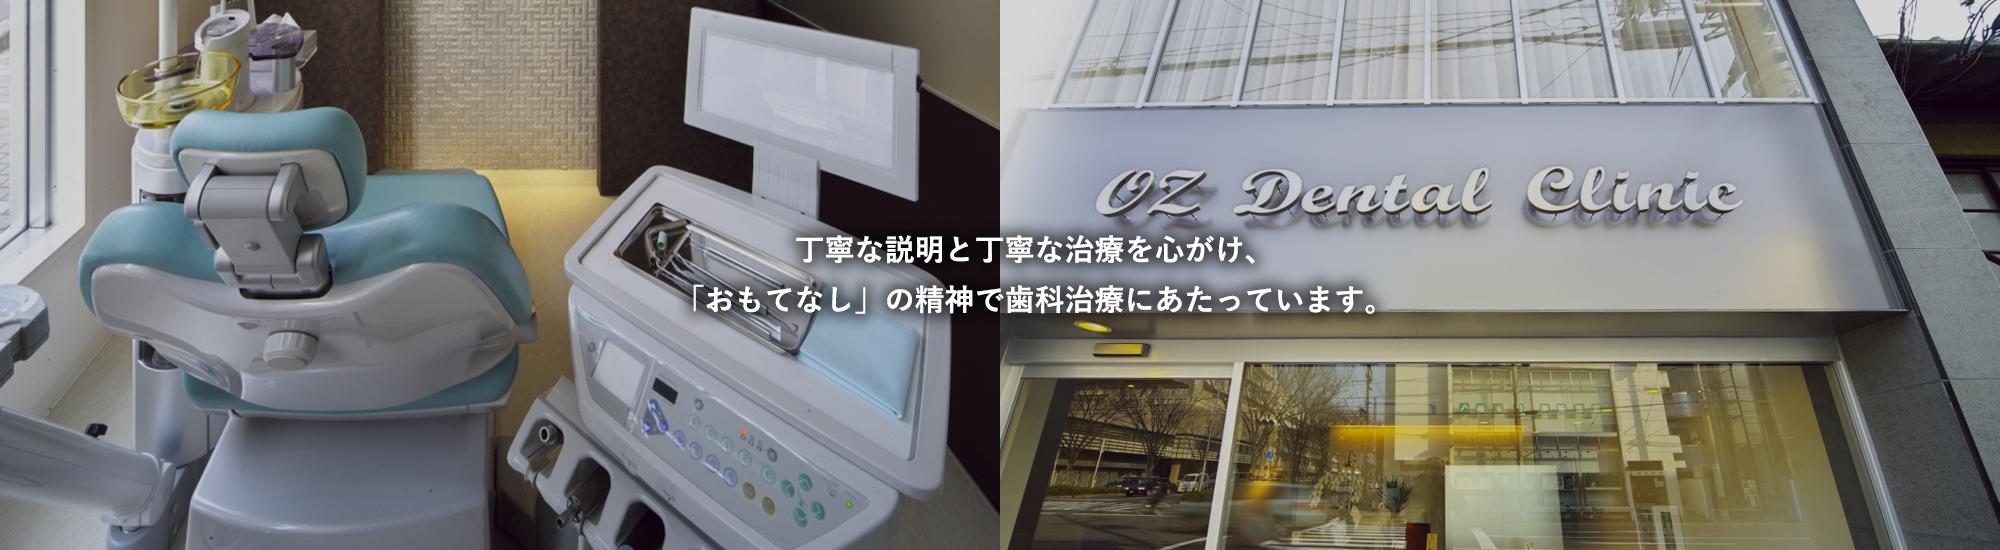 京都歯科オズデンタルクリニック内外観イメージ